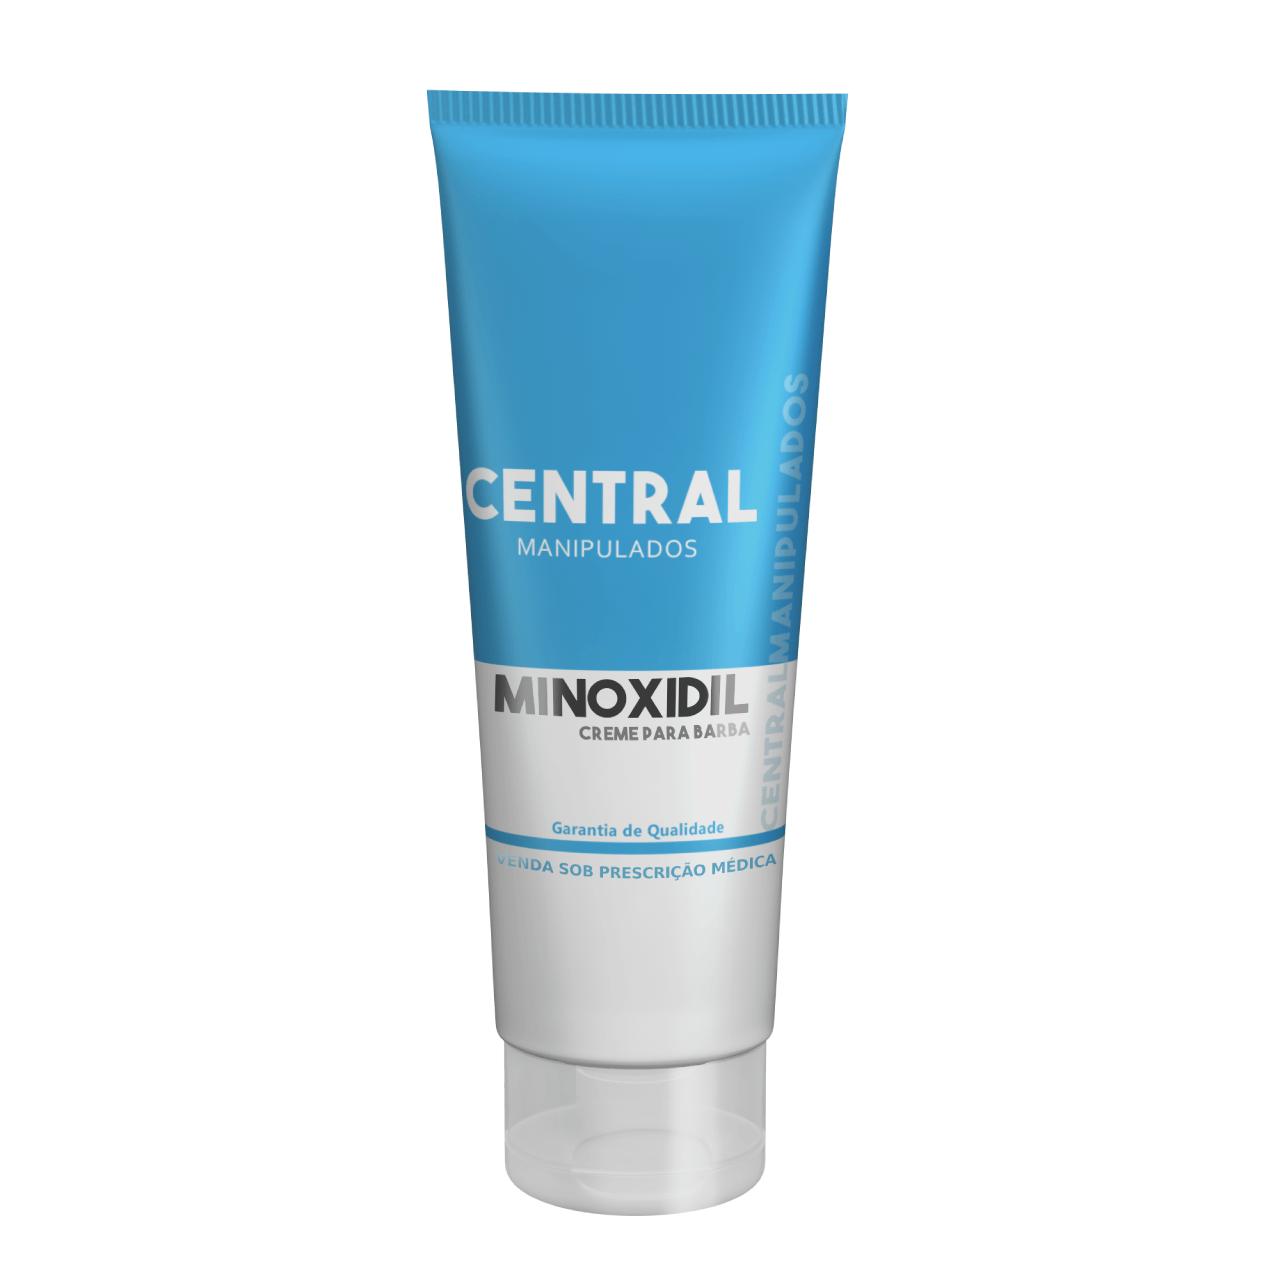 Minoxidil 5% - creme 30g  - Combate a queda capilar e cálvice